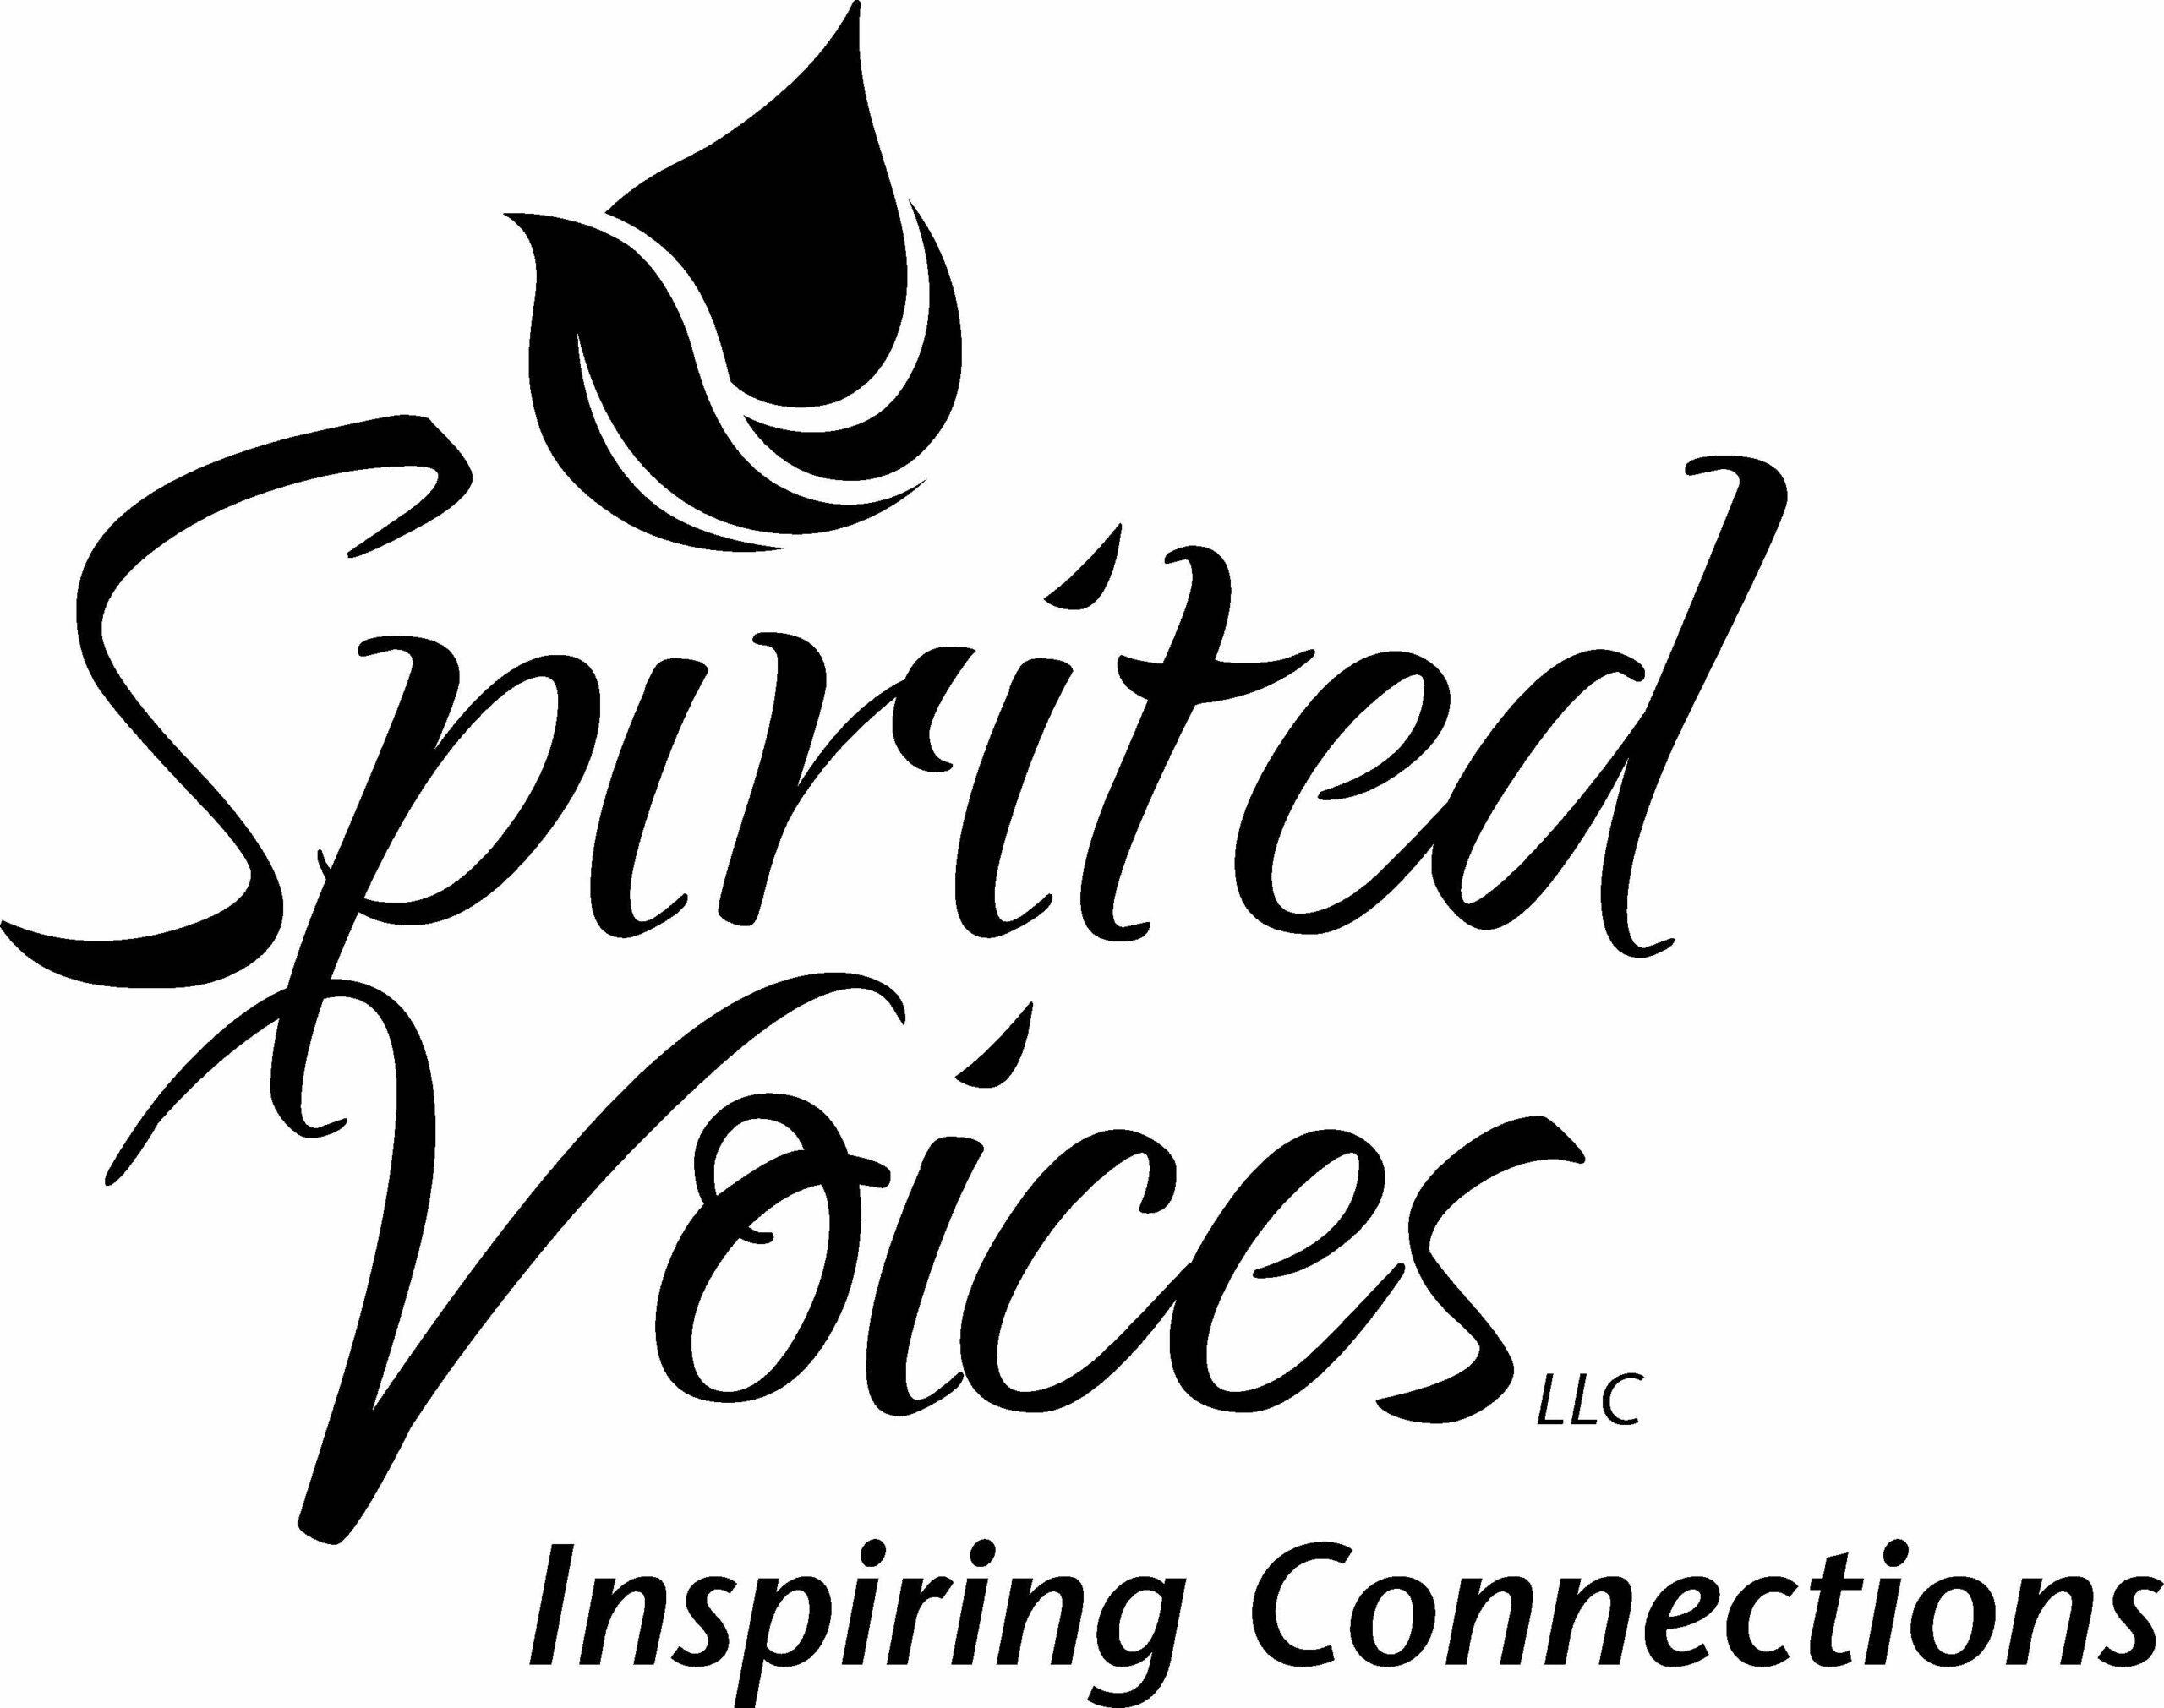 Spirited Voices